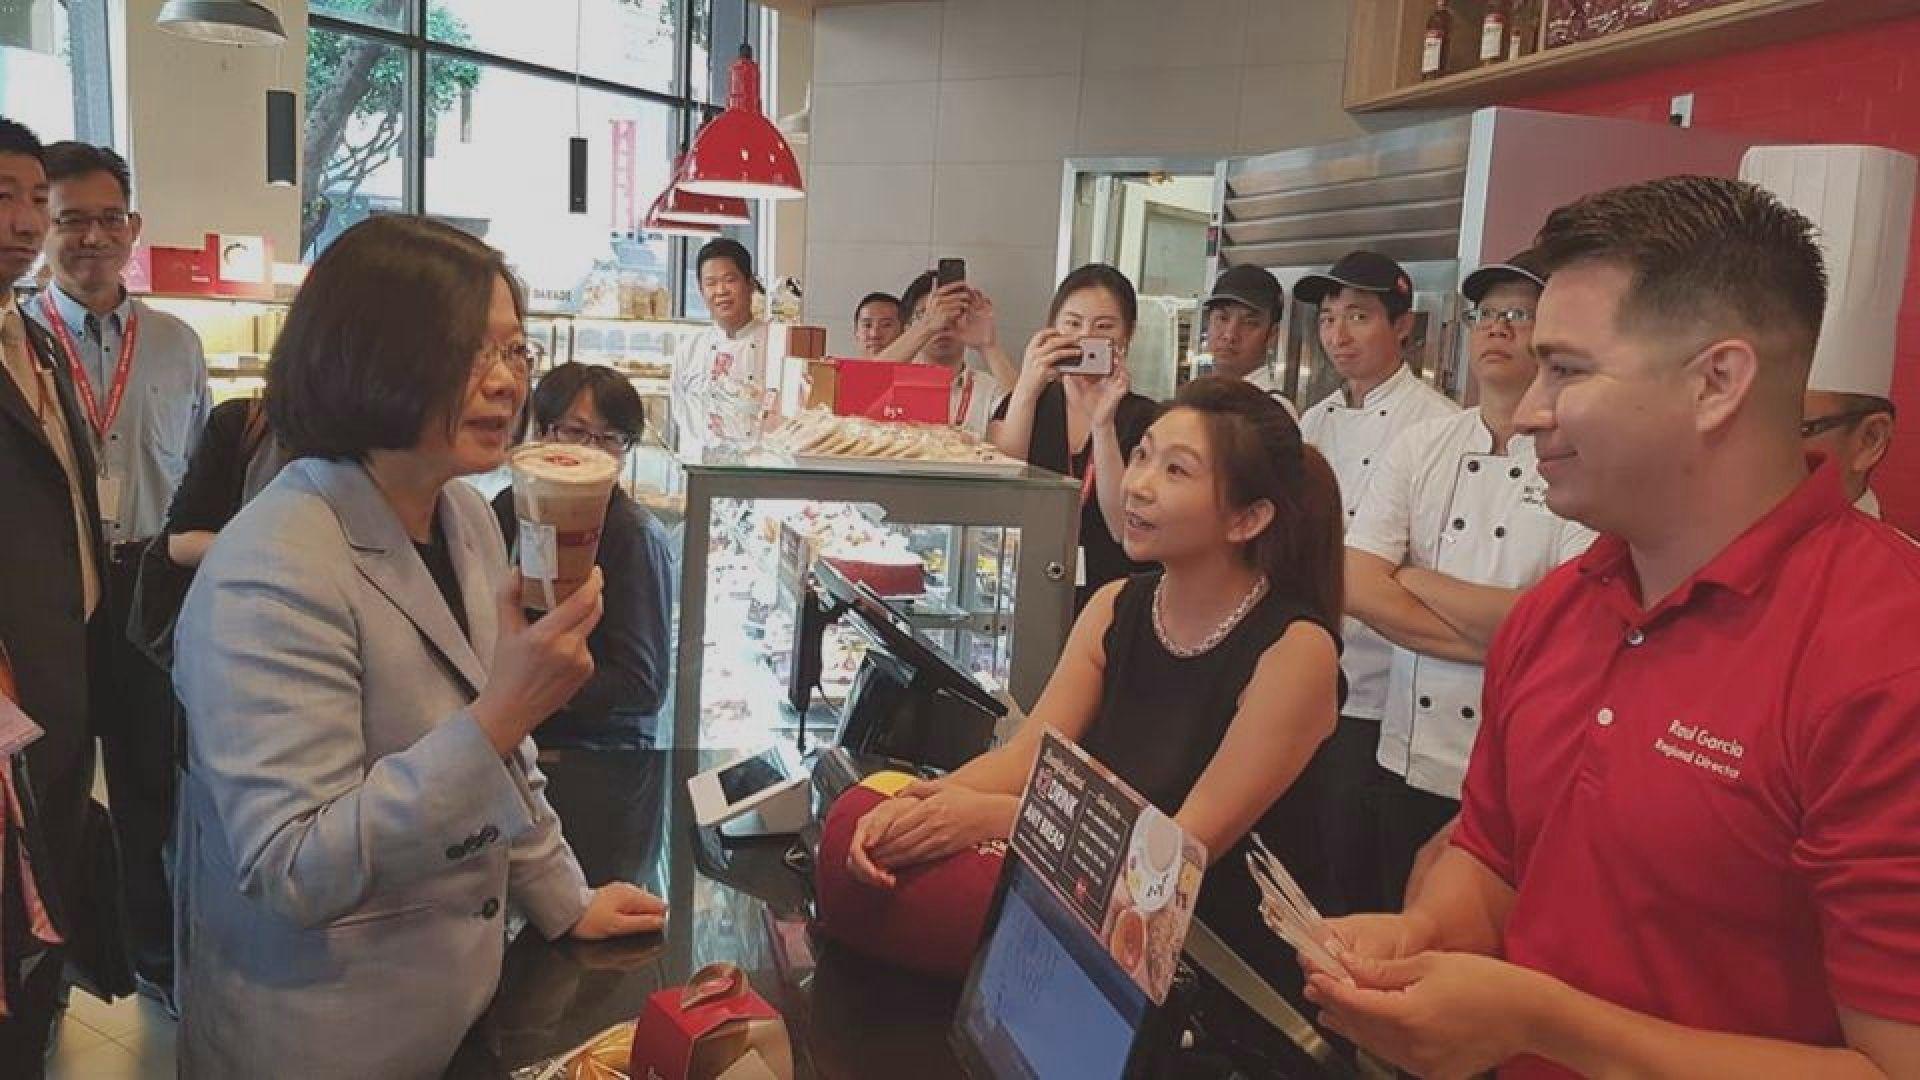 蔡英文造訪台商咖啡店掀爭議